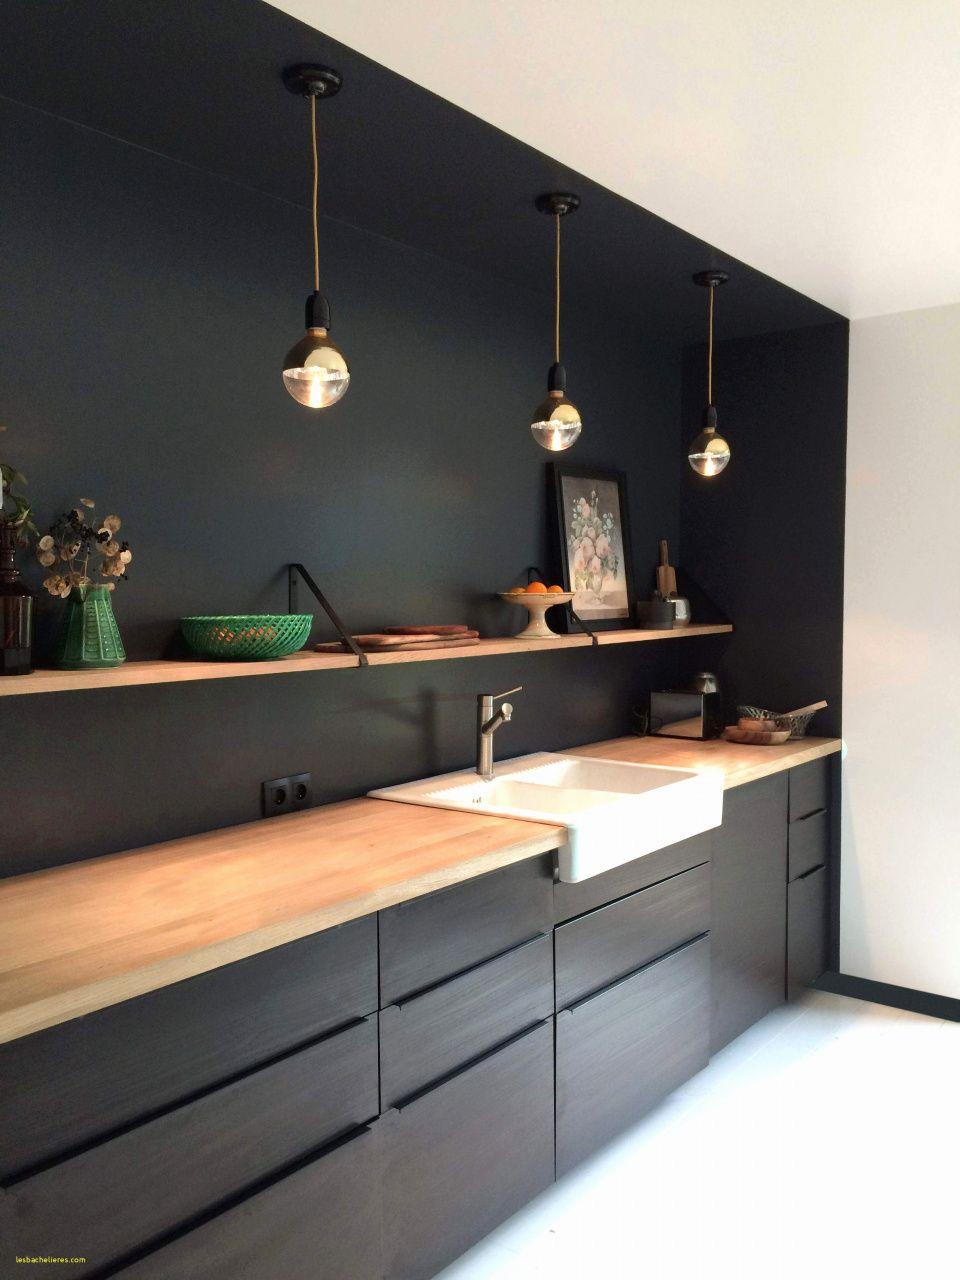 50 Reglette Led Brico Depot Ikea Kitchen Design Cheap Kitchen Remodel Small Kitchen Decor